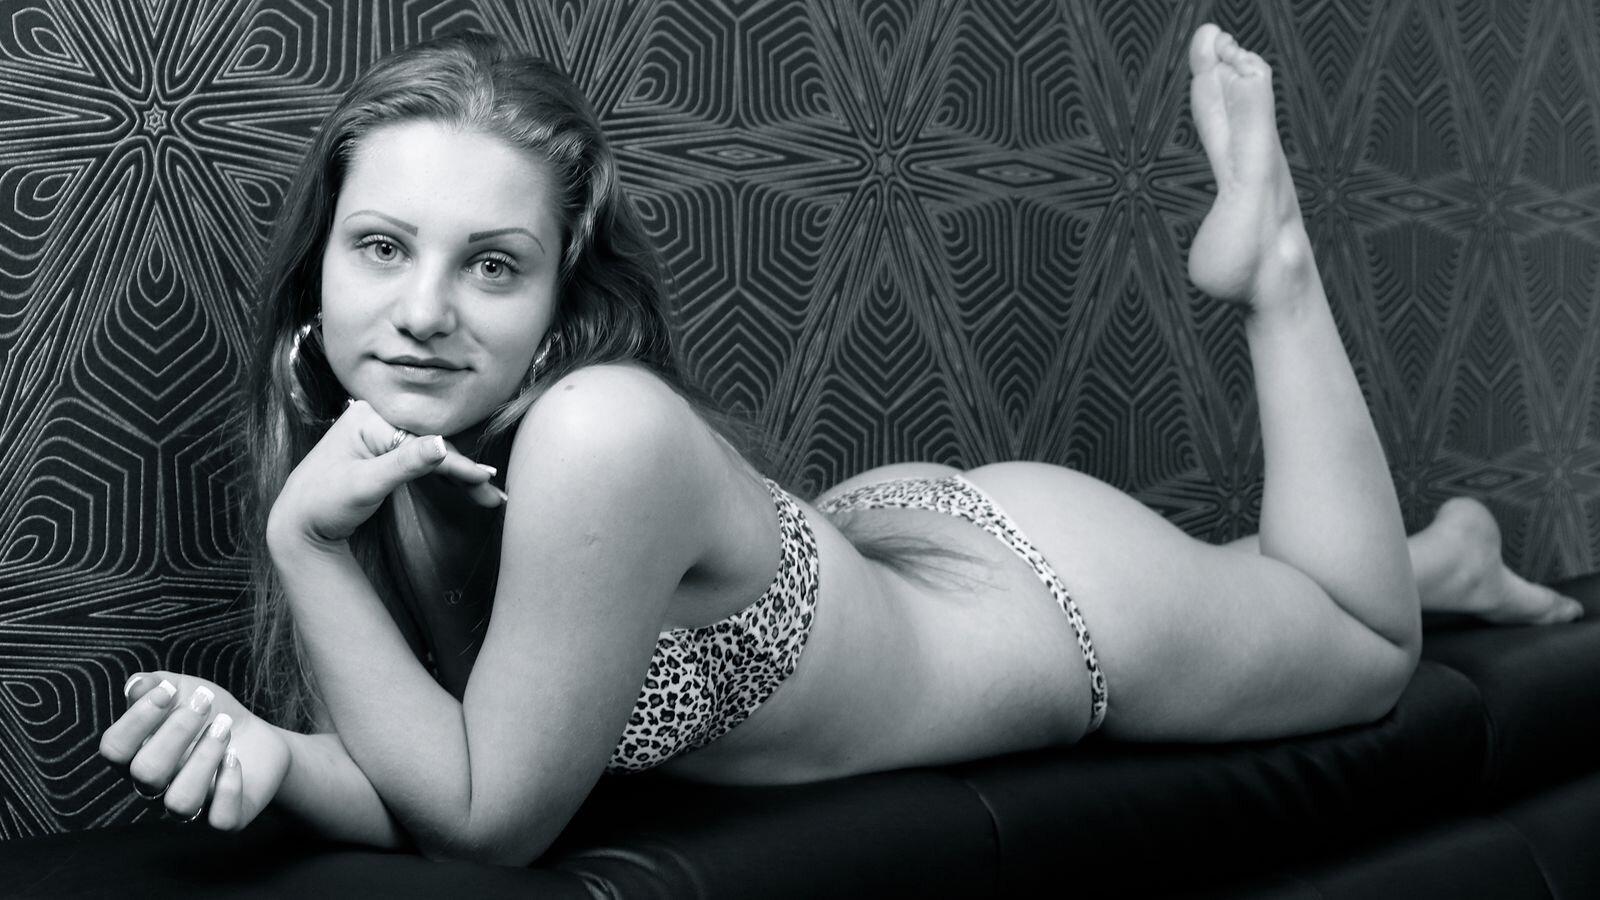 FionaPearl